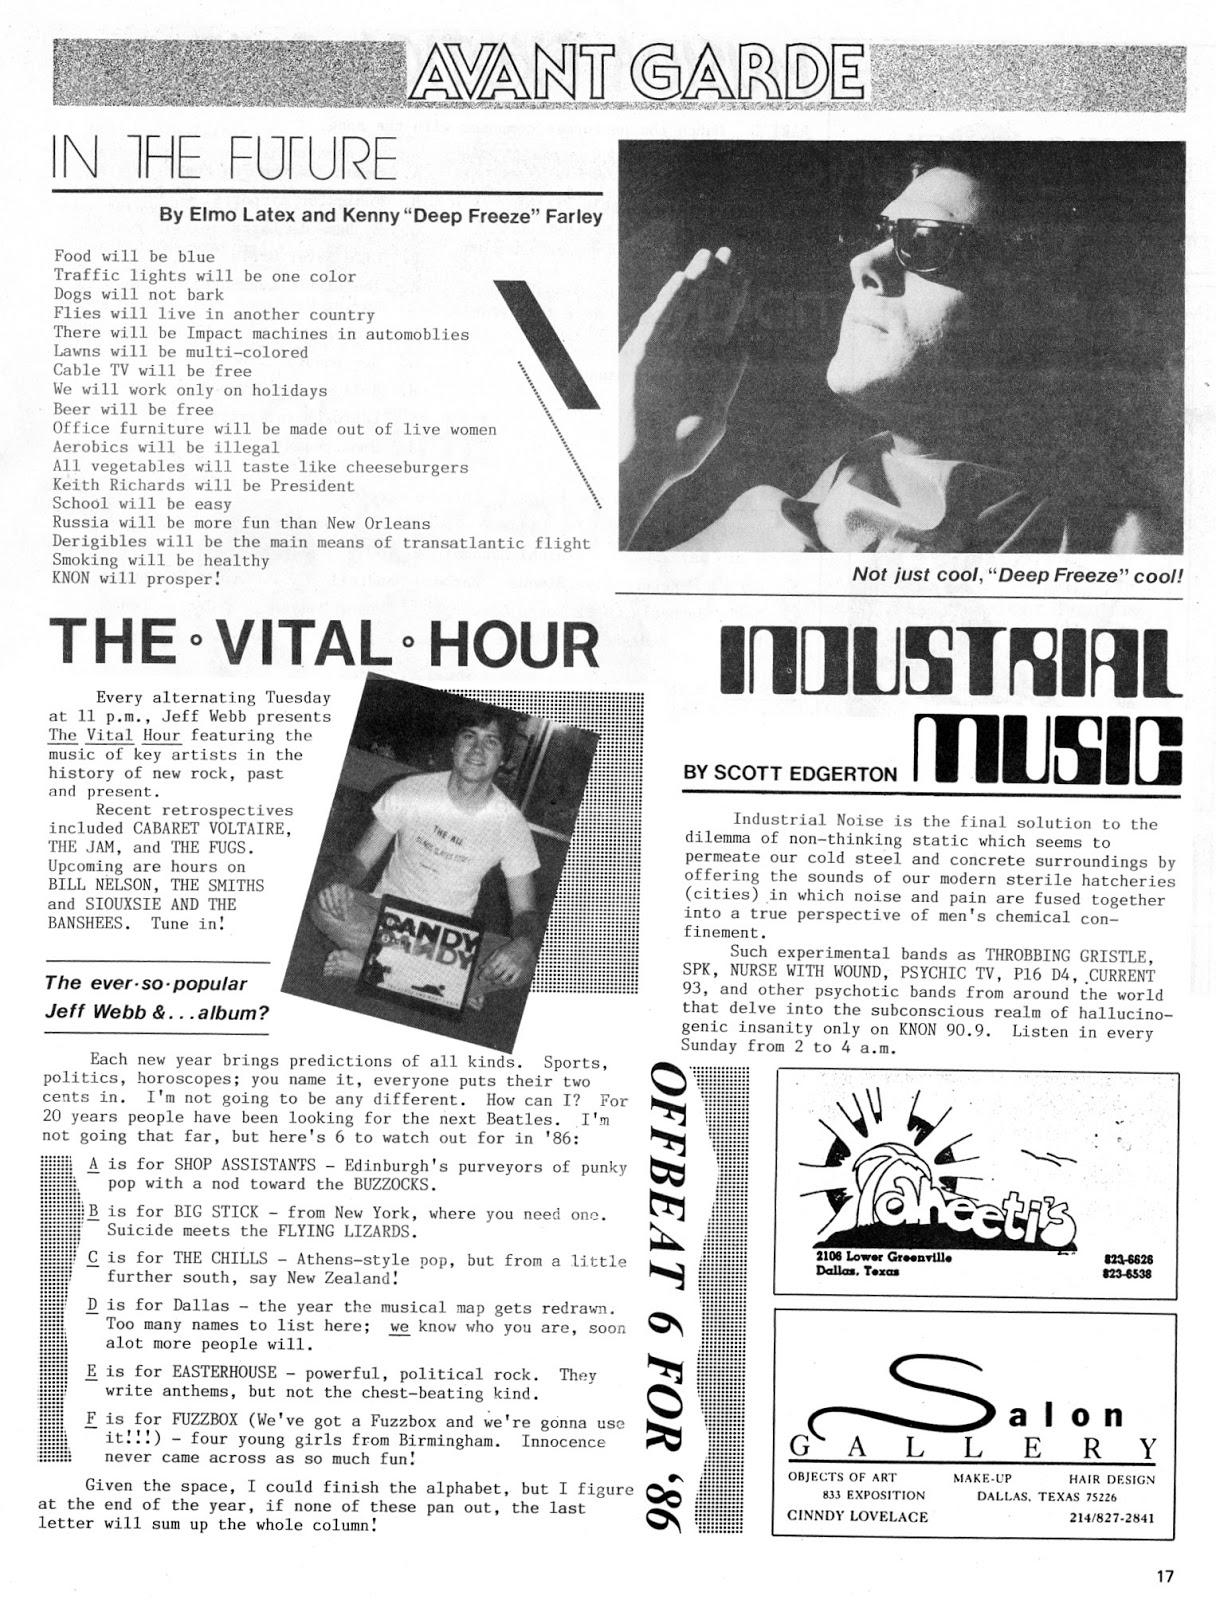 scrapbook-1986-issue-3-p17